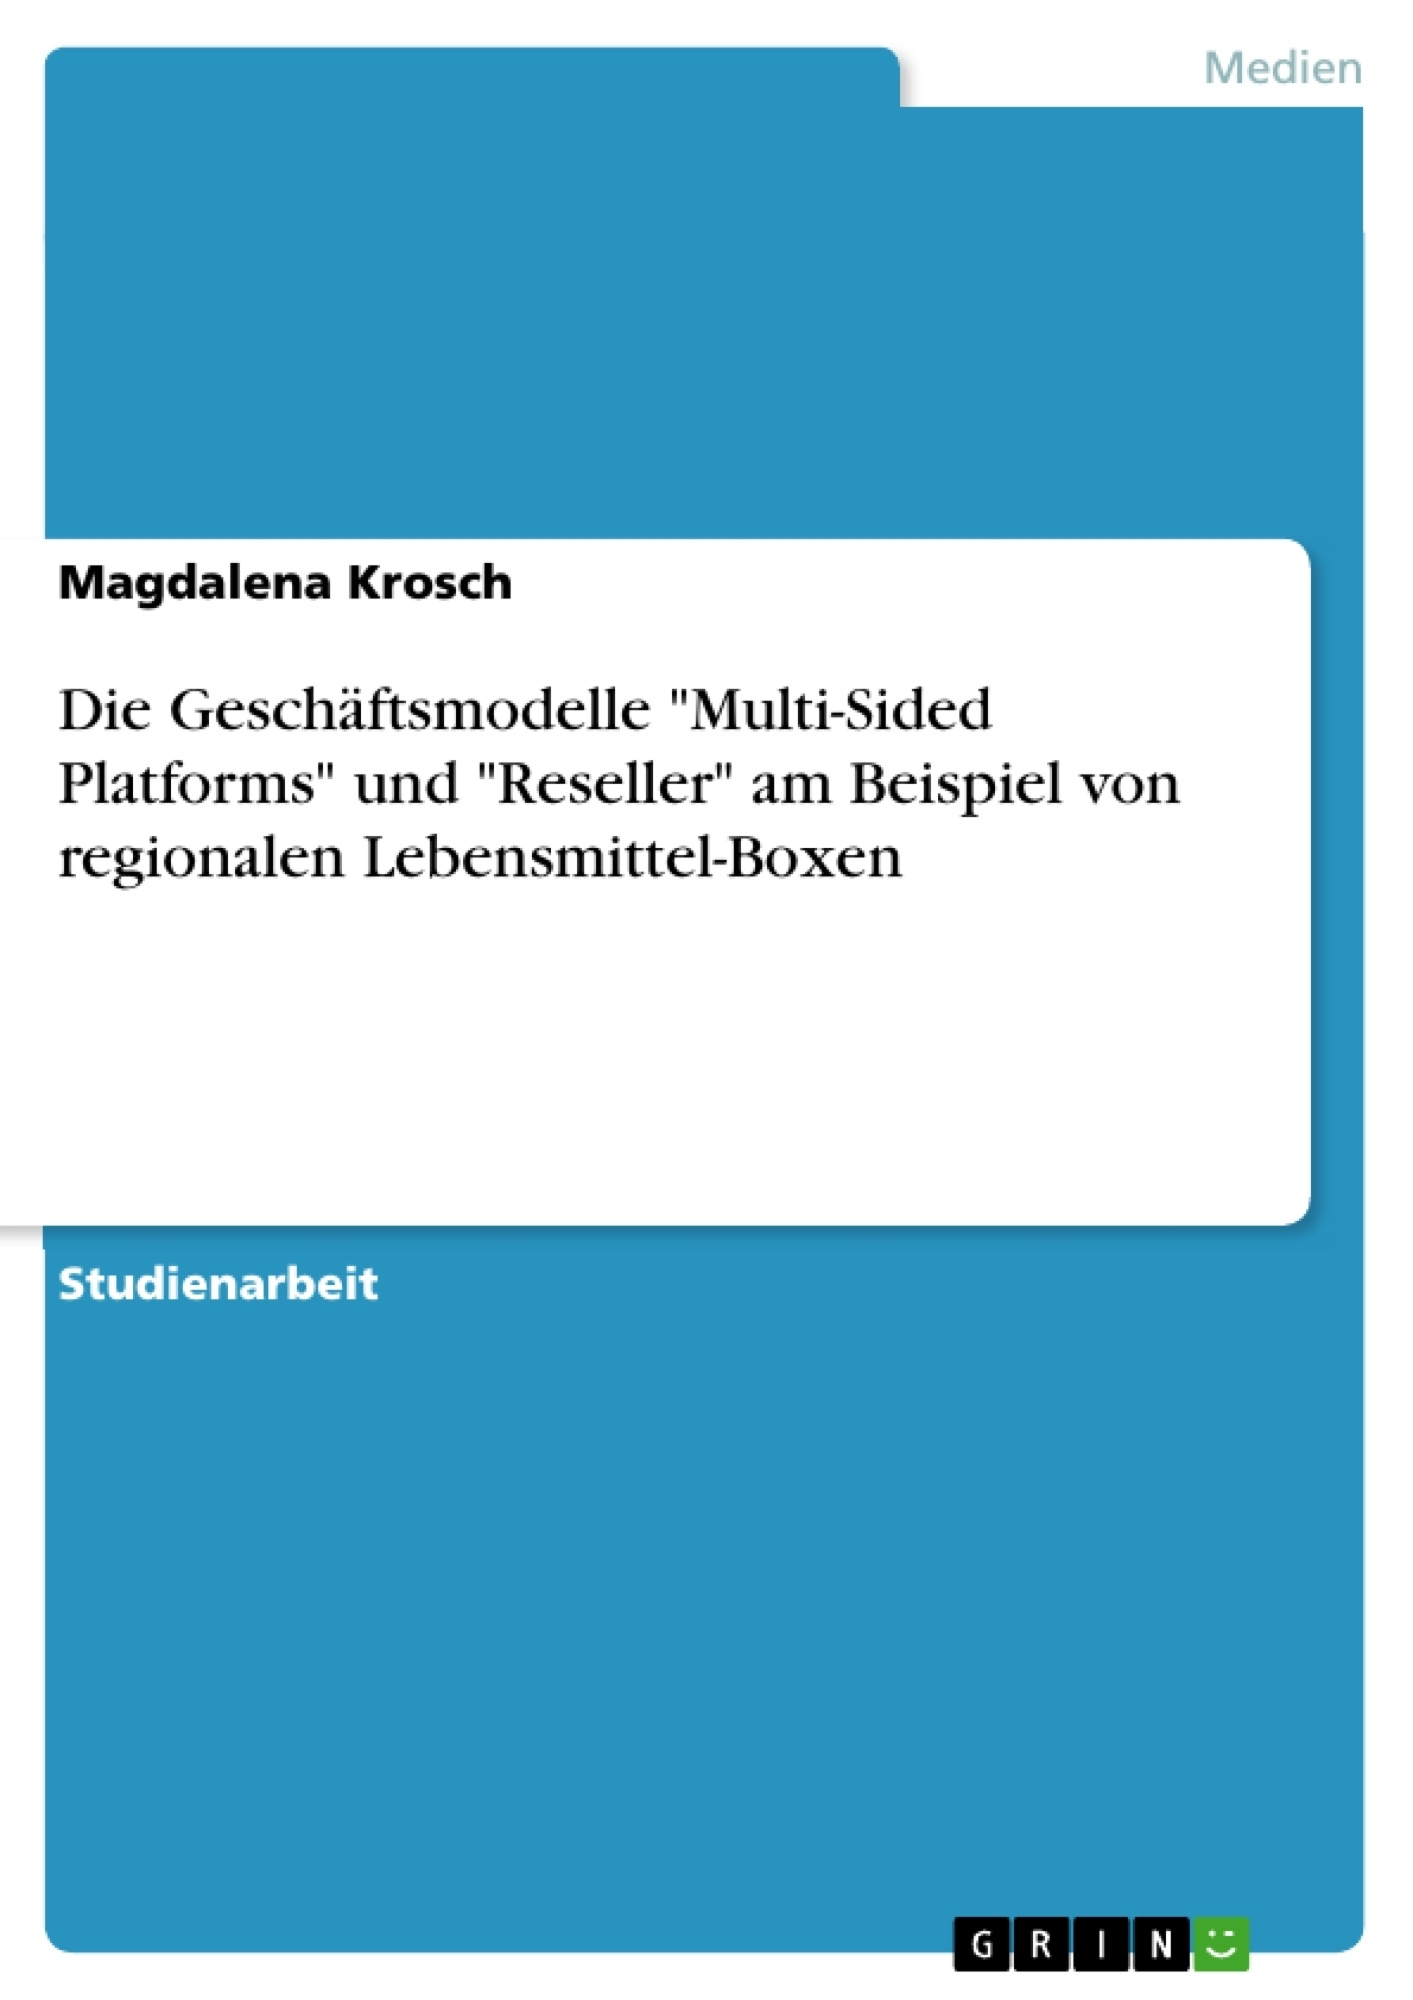 """Titel: Die Geschäftsmodelle """"Multi-Sided Platforms"""" und """"Reseller"""" am Beispiel von regionalen Lebensmittel-Boxen"""